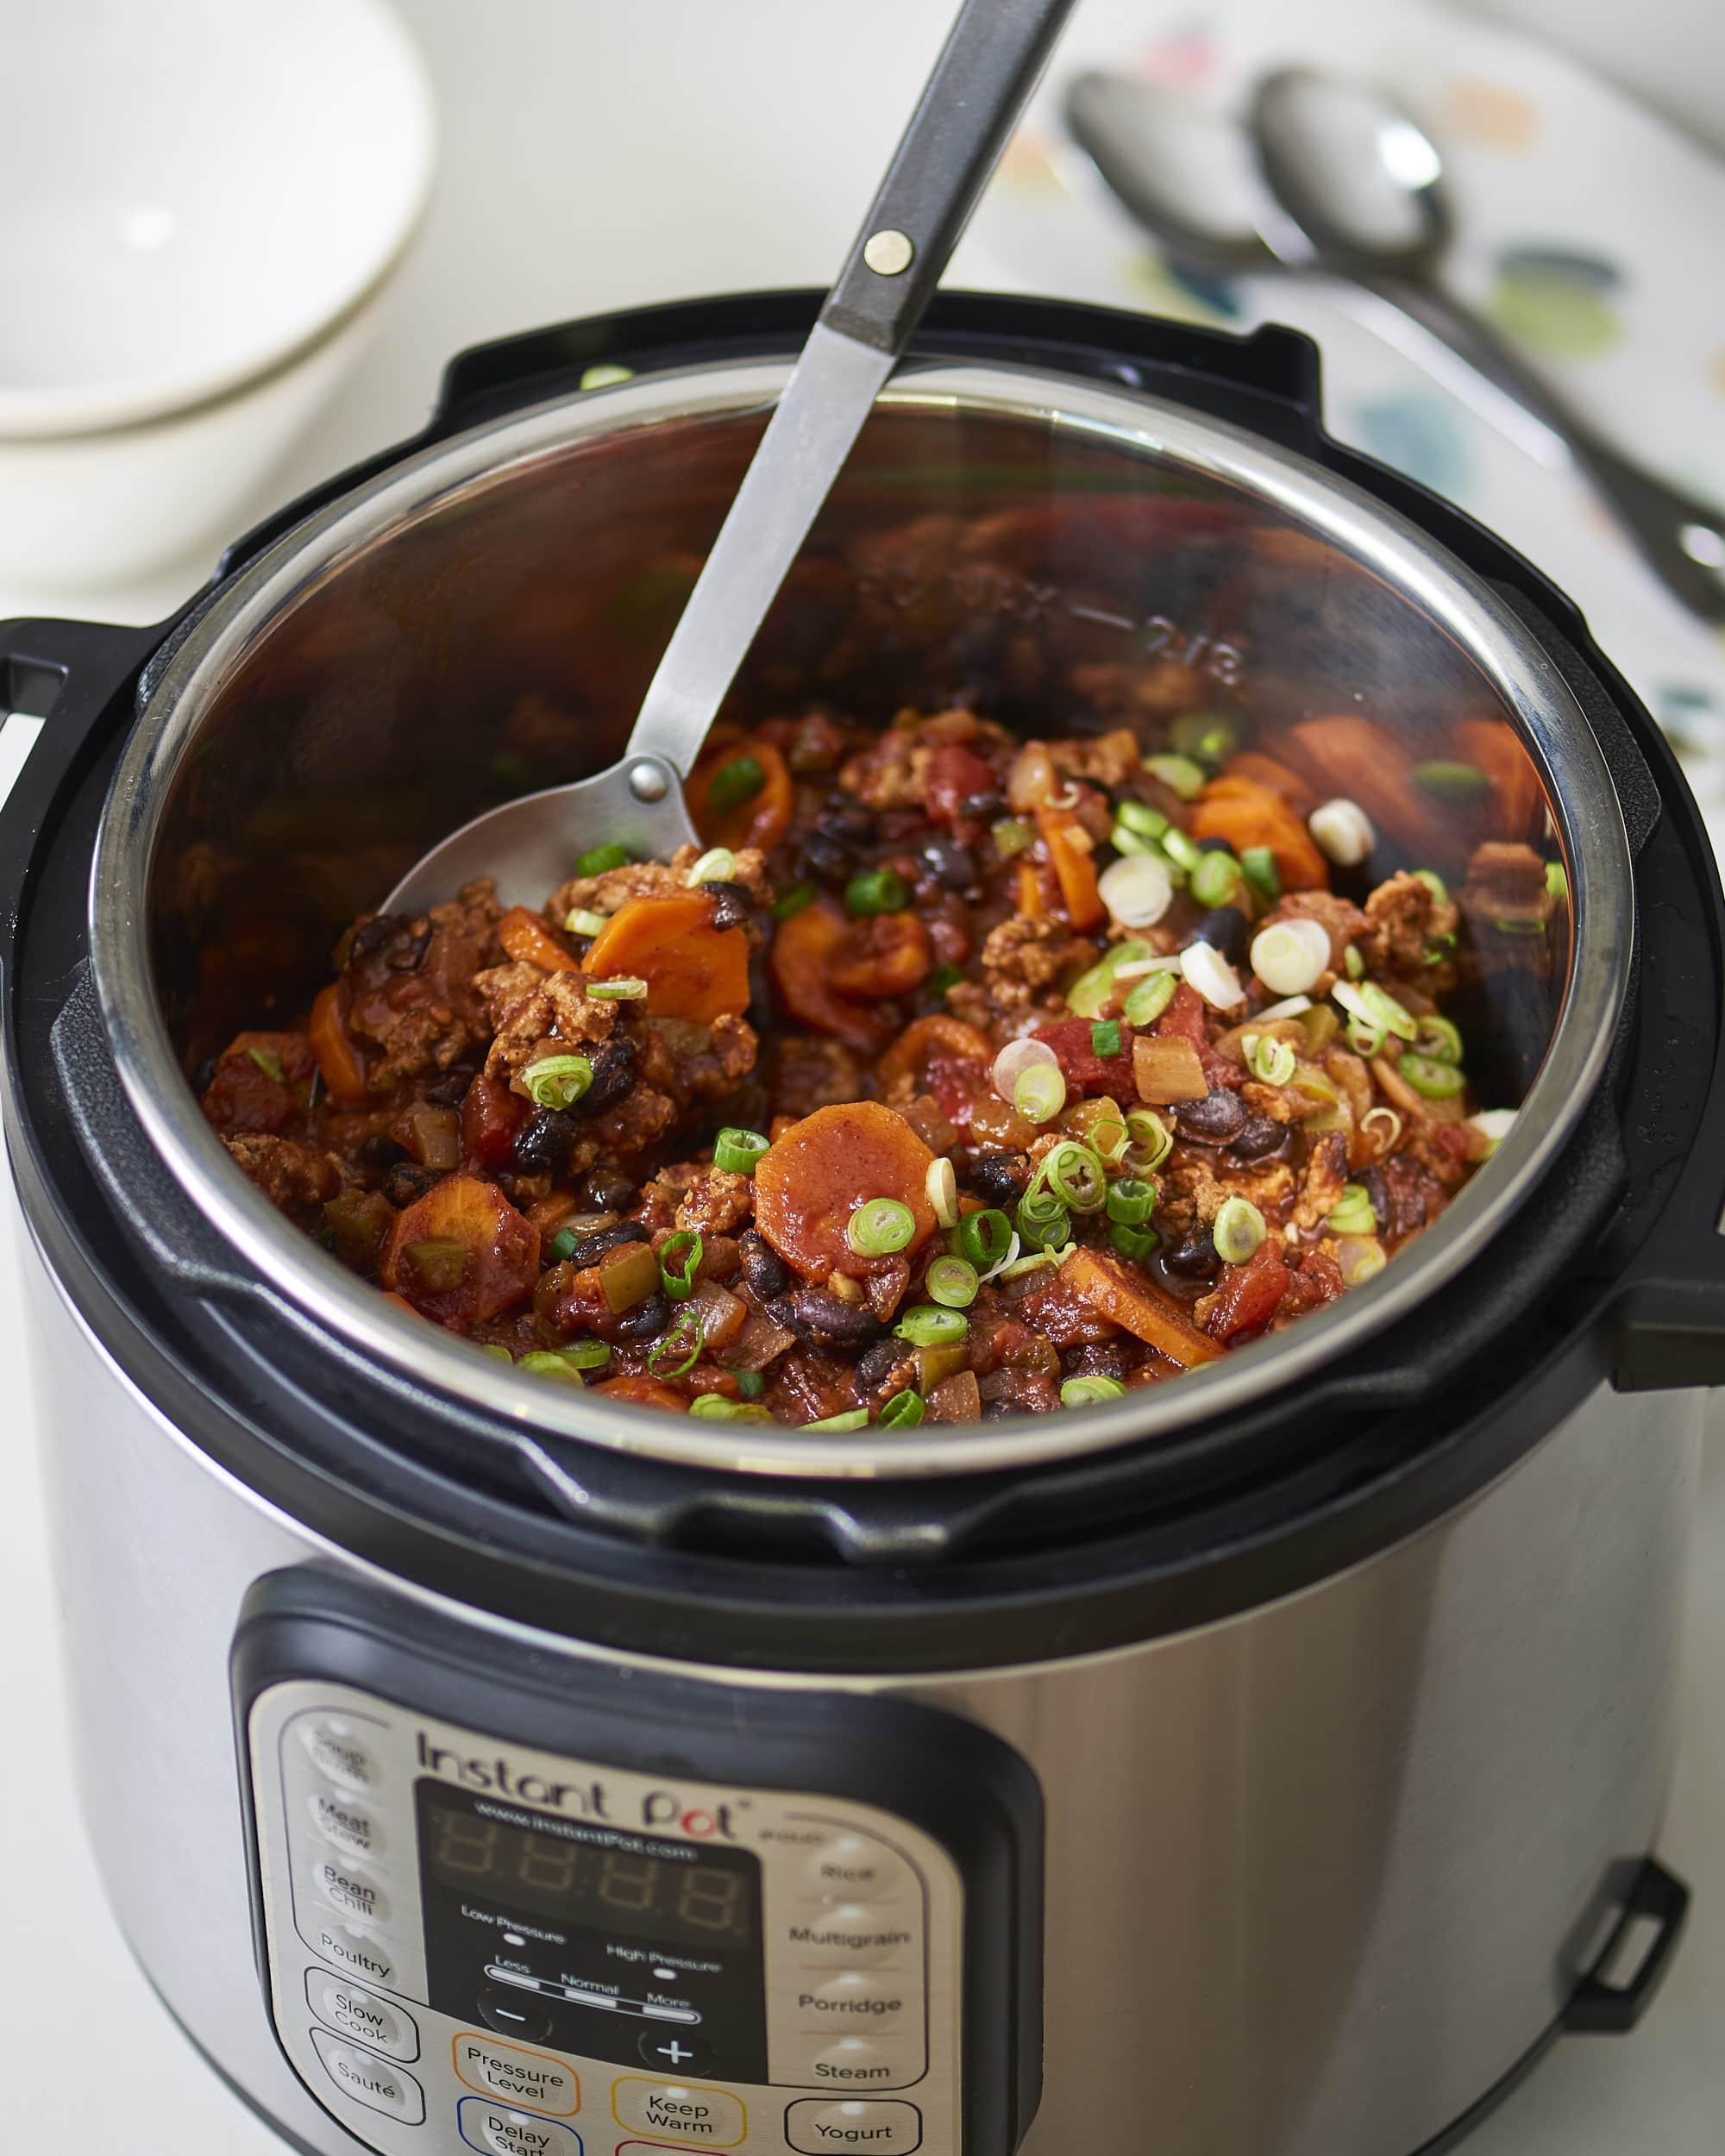 Recipe: Instant Pot Turkey Chili